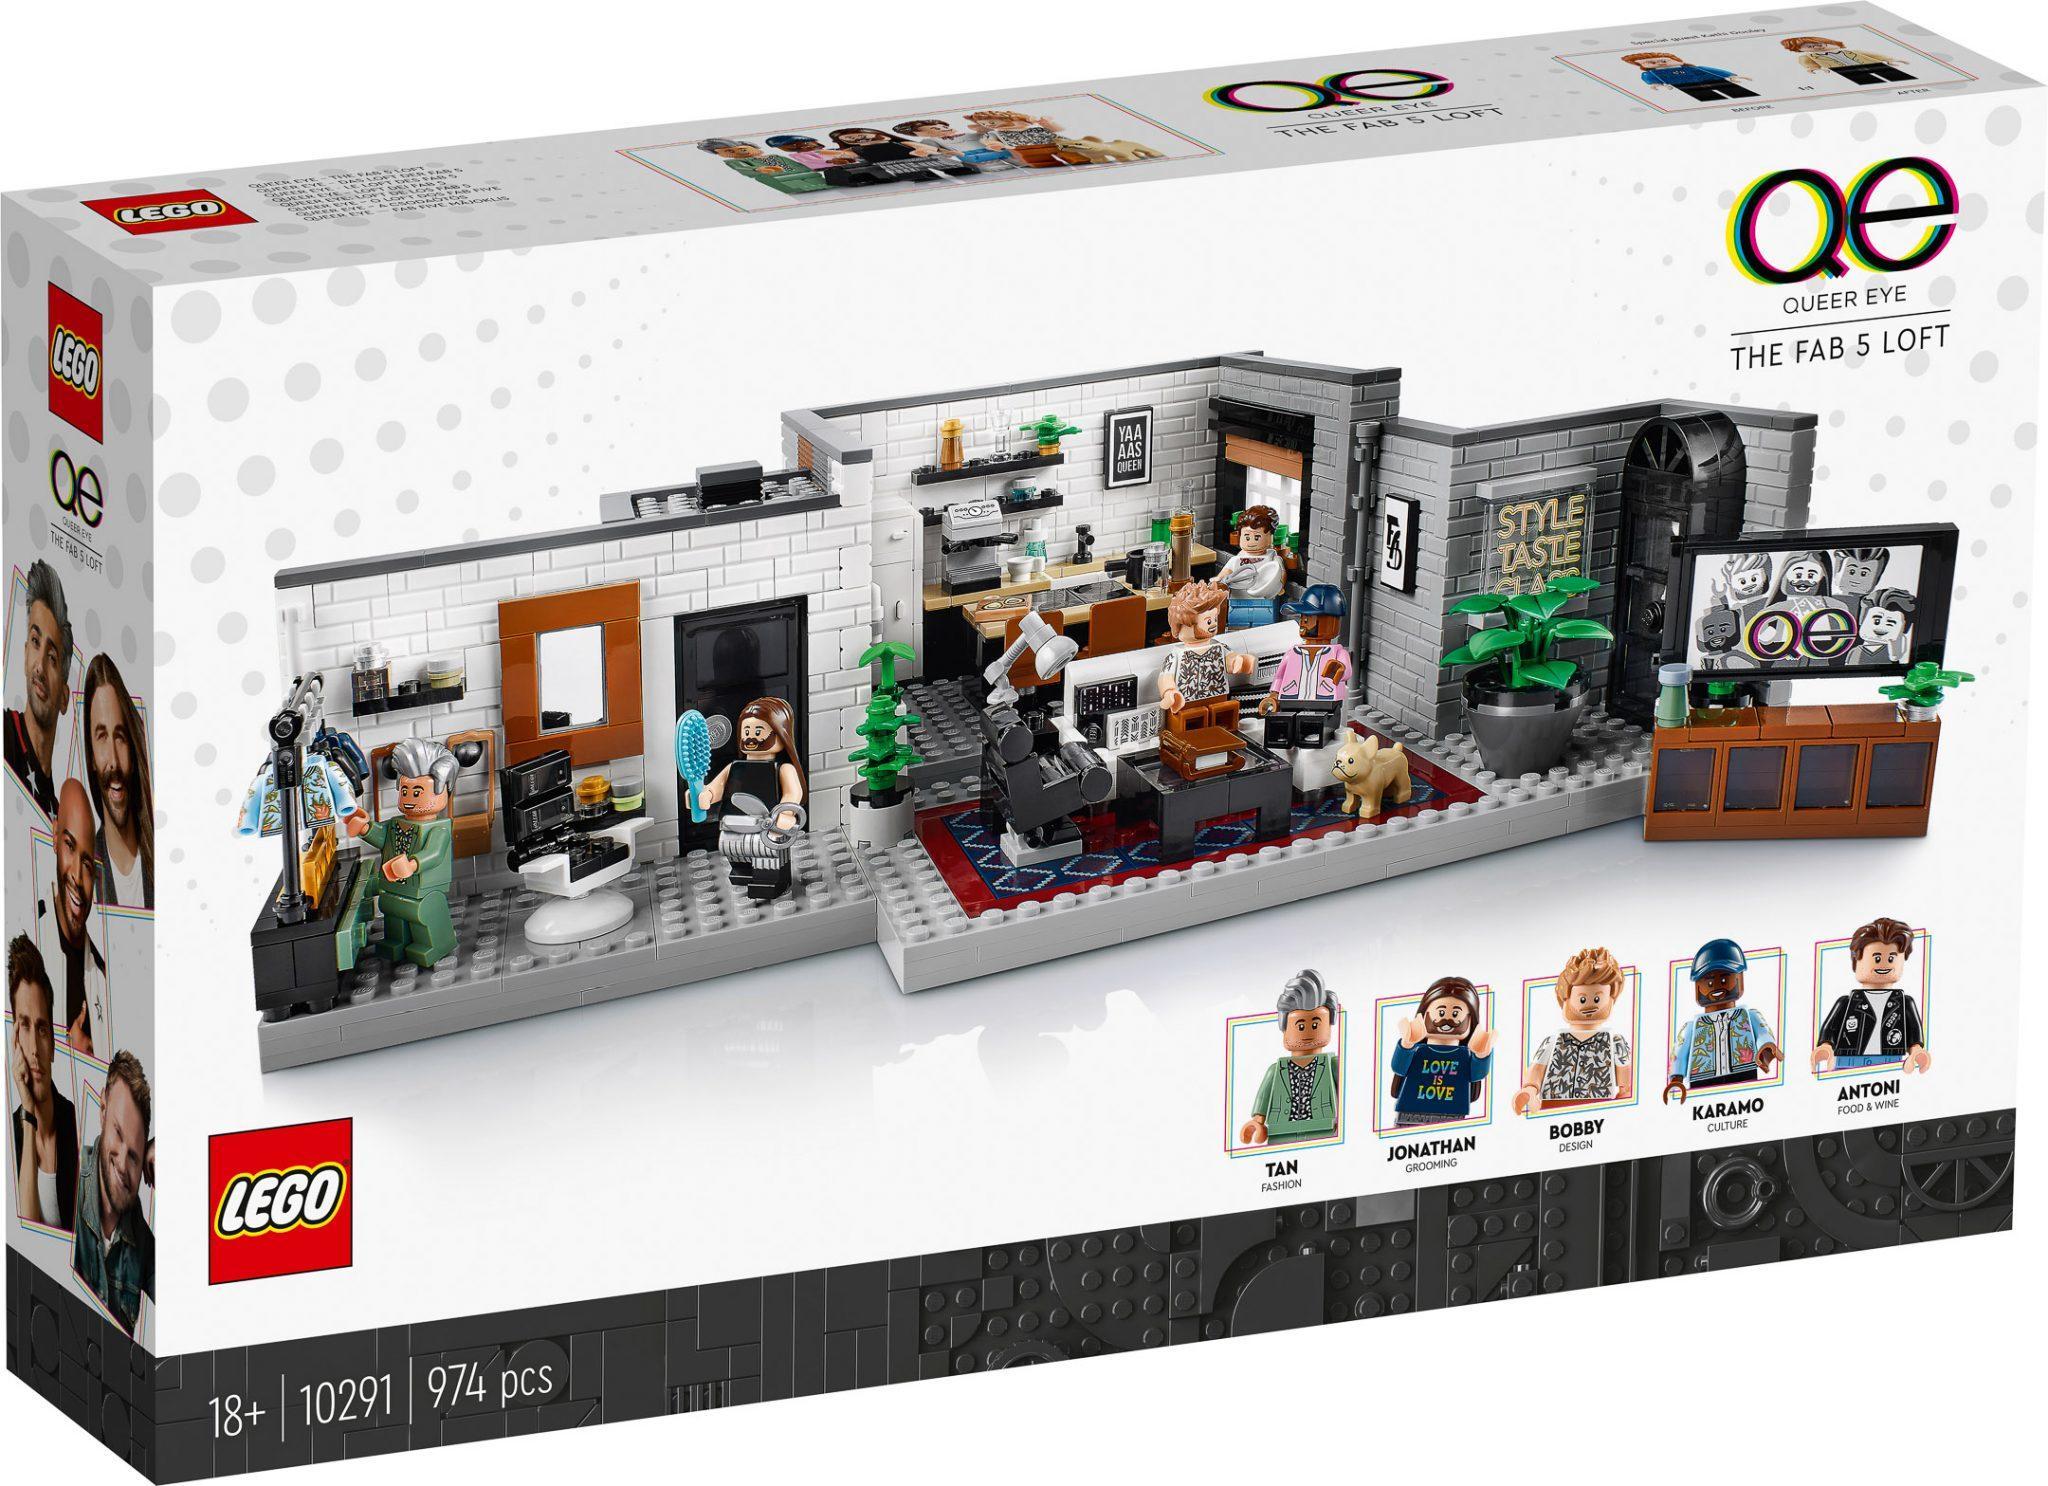 lego-queer-eye-set-packaging.jpg